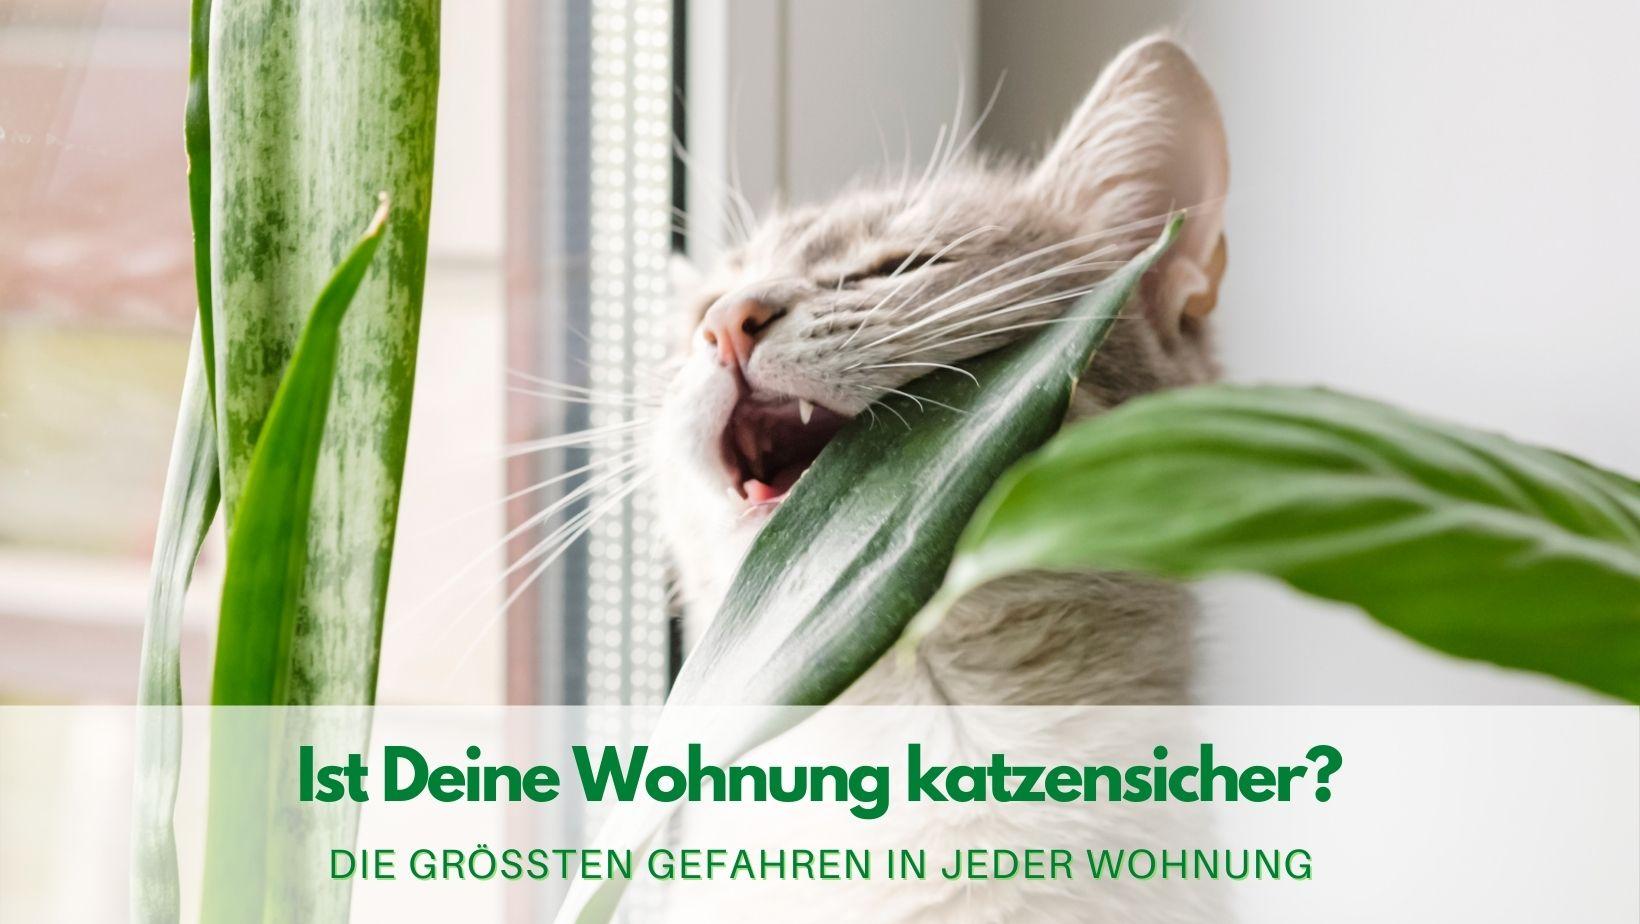 Ist deine Wohnung katzensicher?